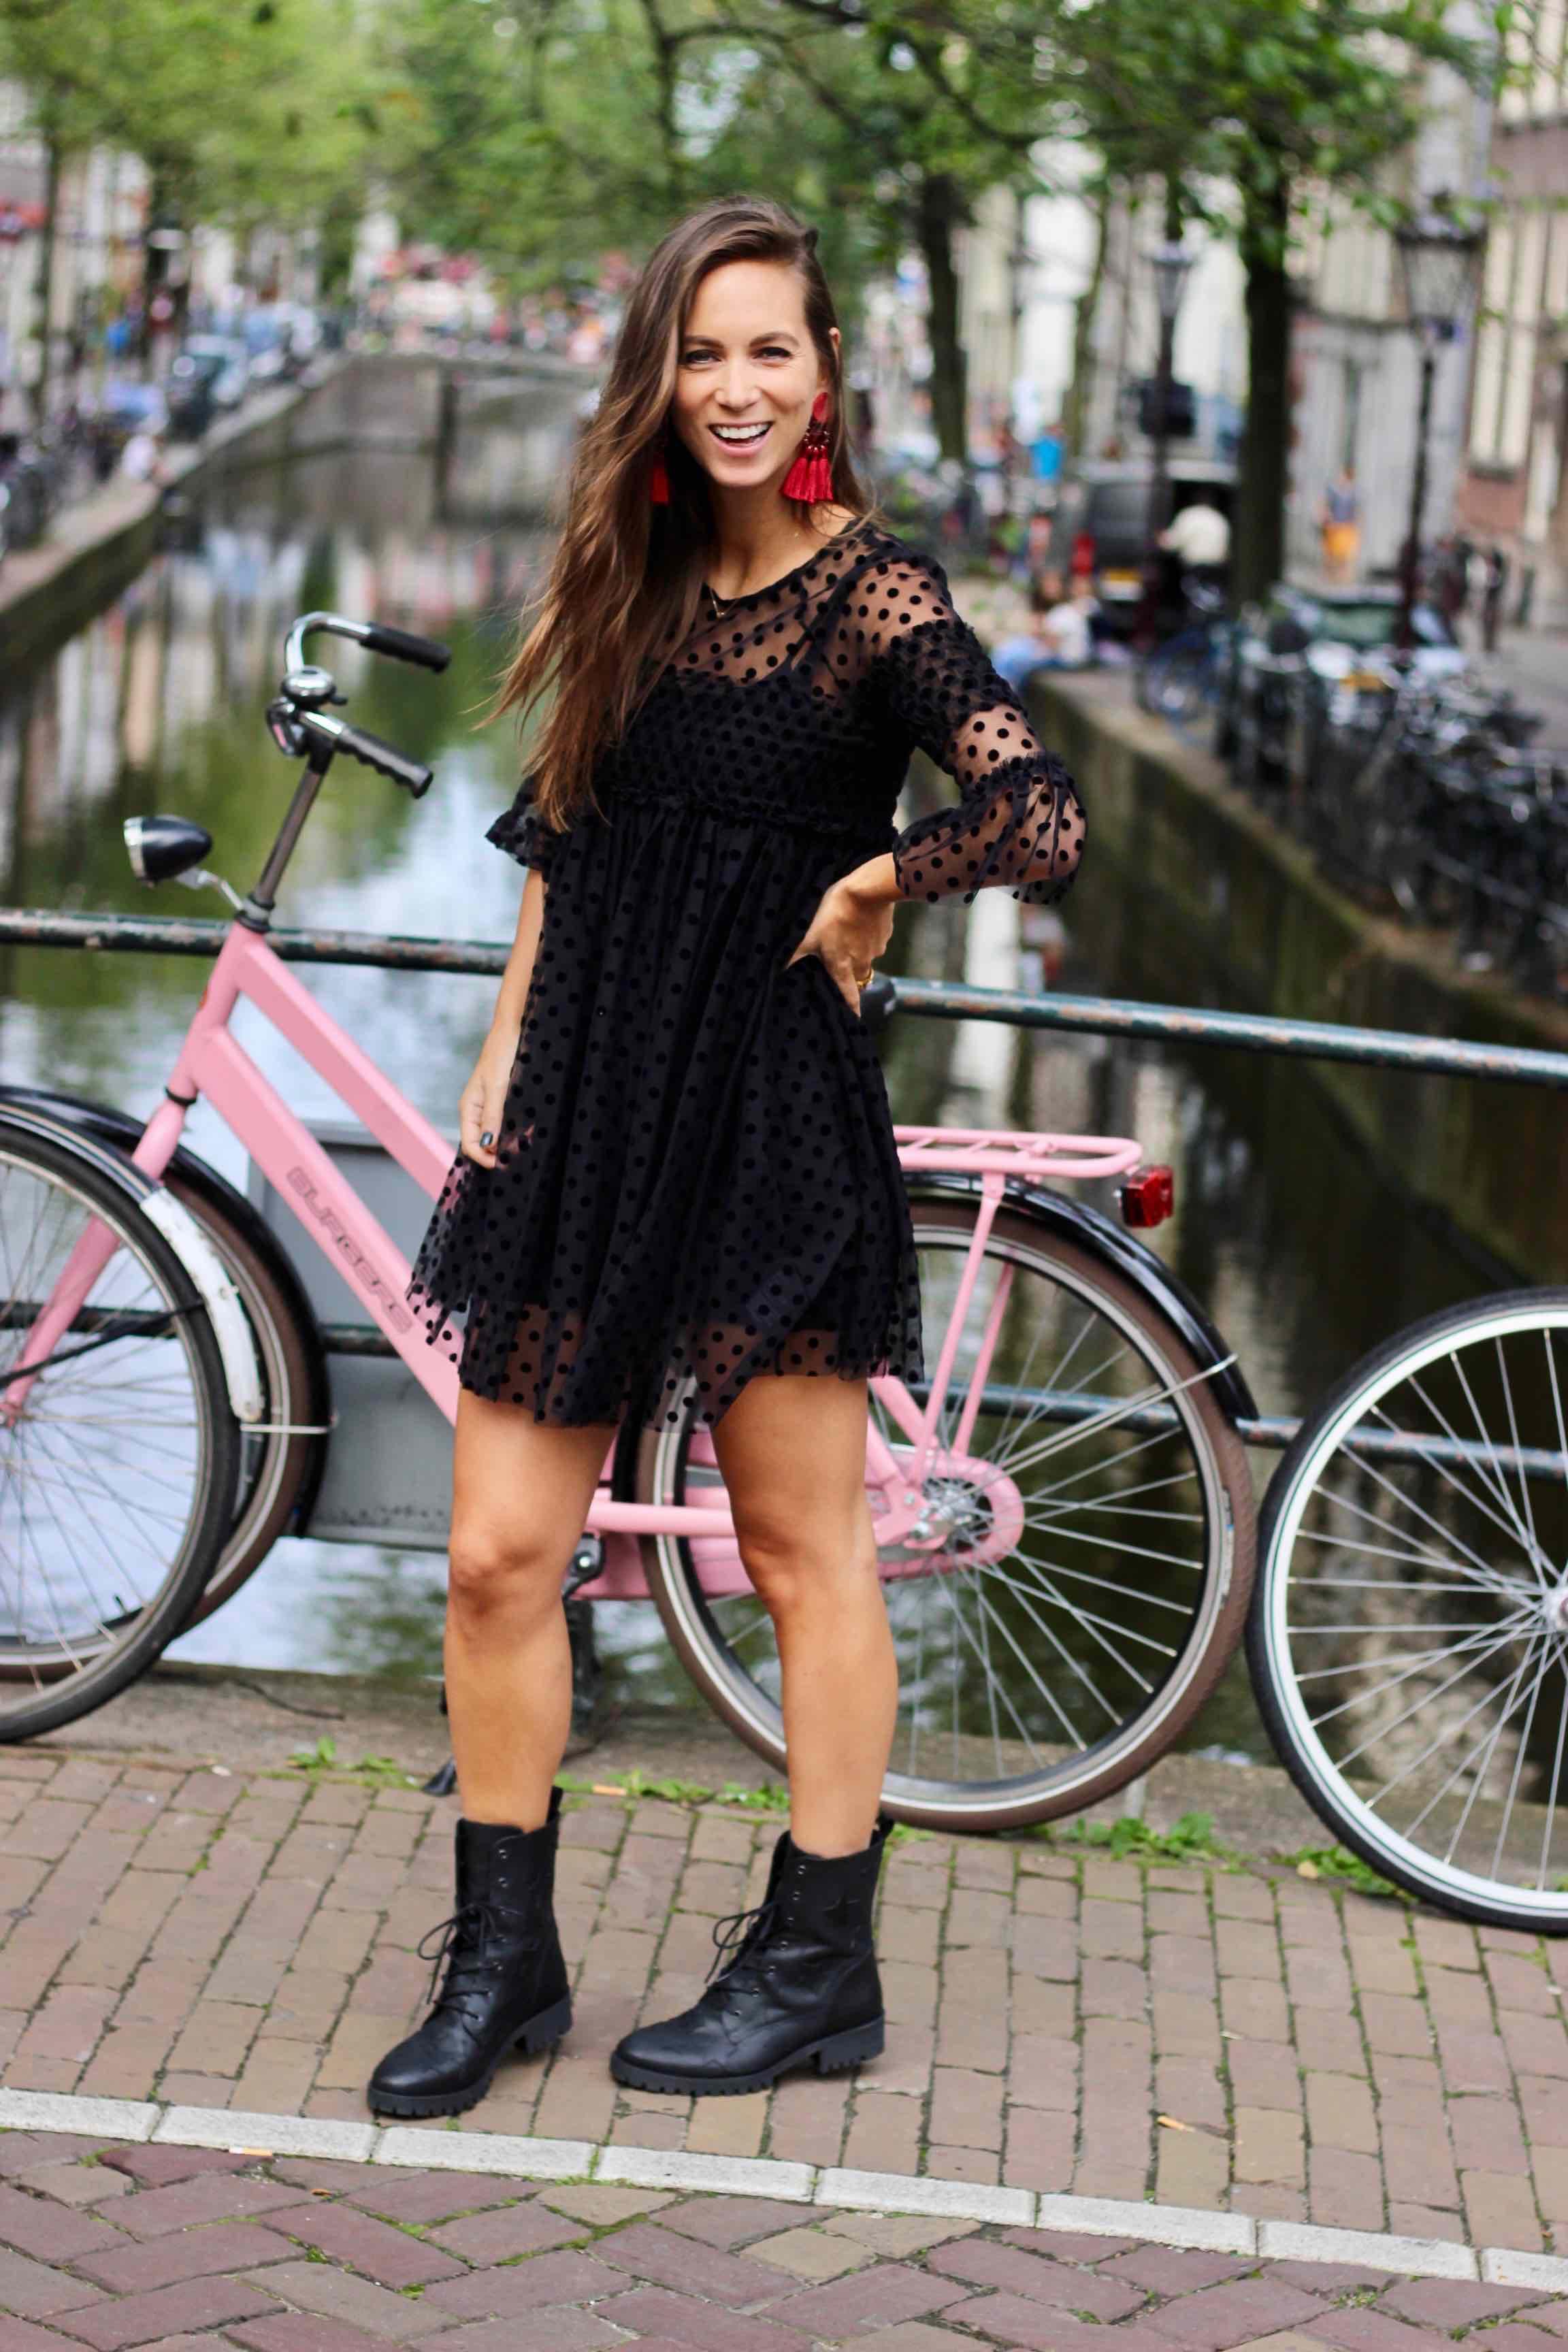 Super Look: dit jurkje met polkadots is lief, stoer en sexy tegelijk  @VD25